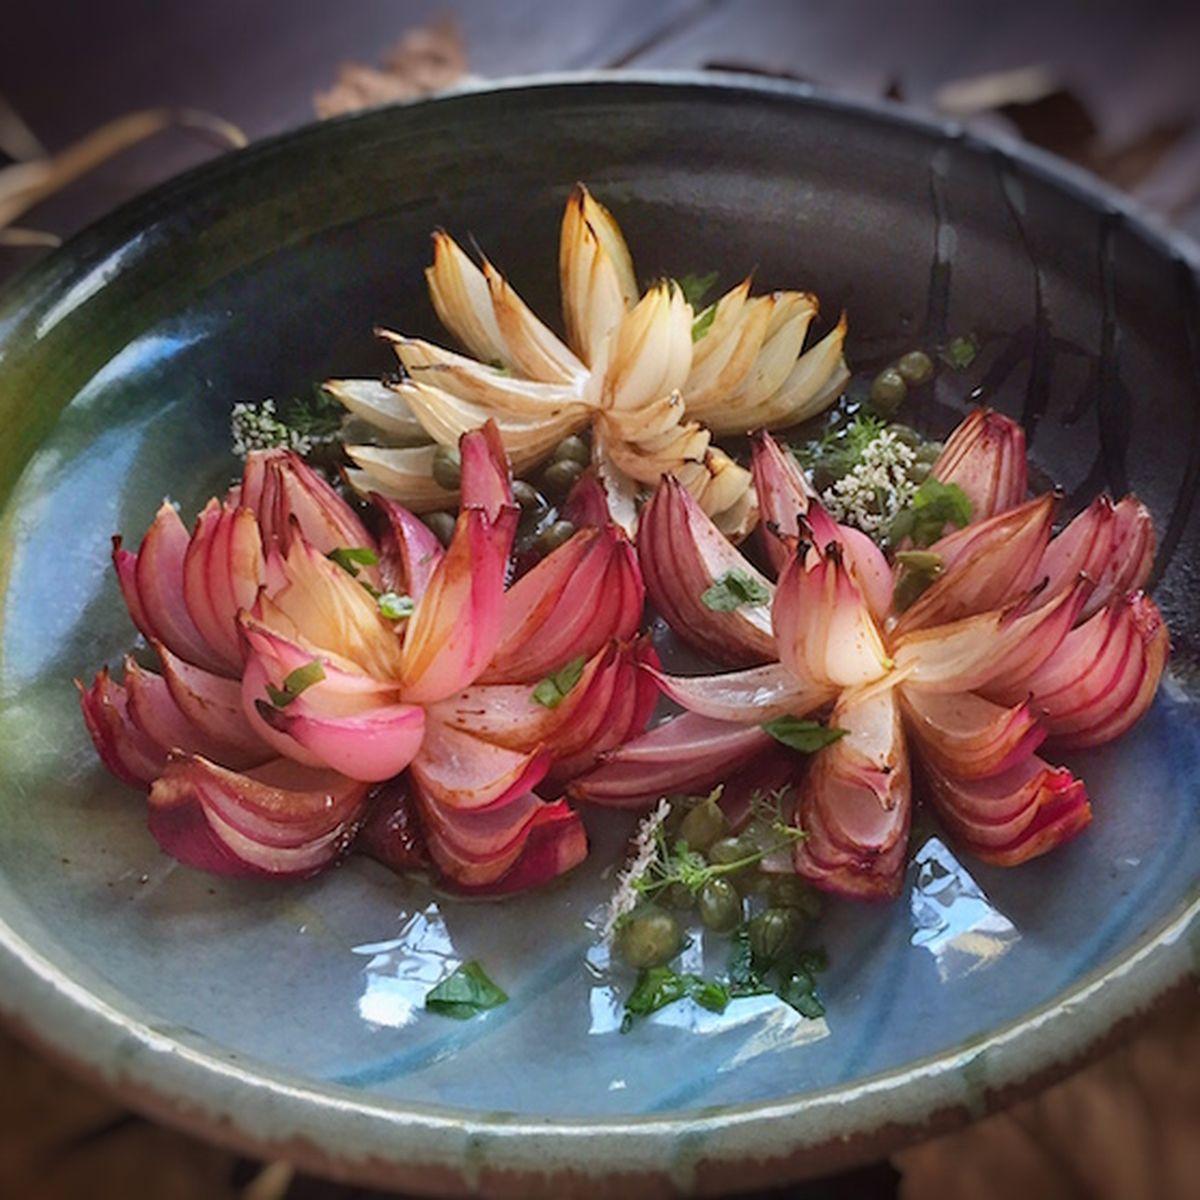 Roasted lotus flower onions recipe on food52 izmirmasajfo